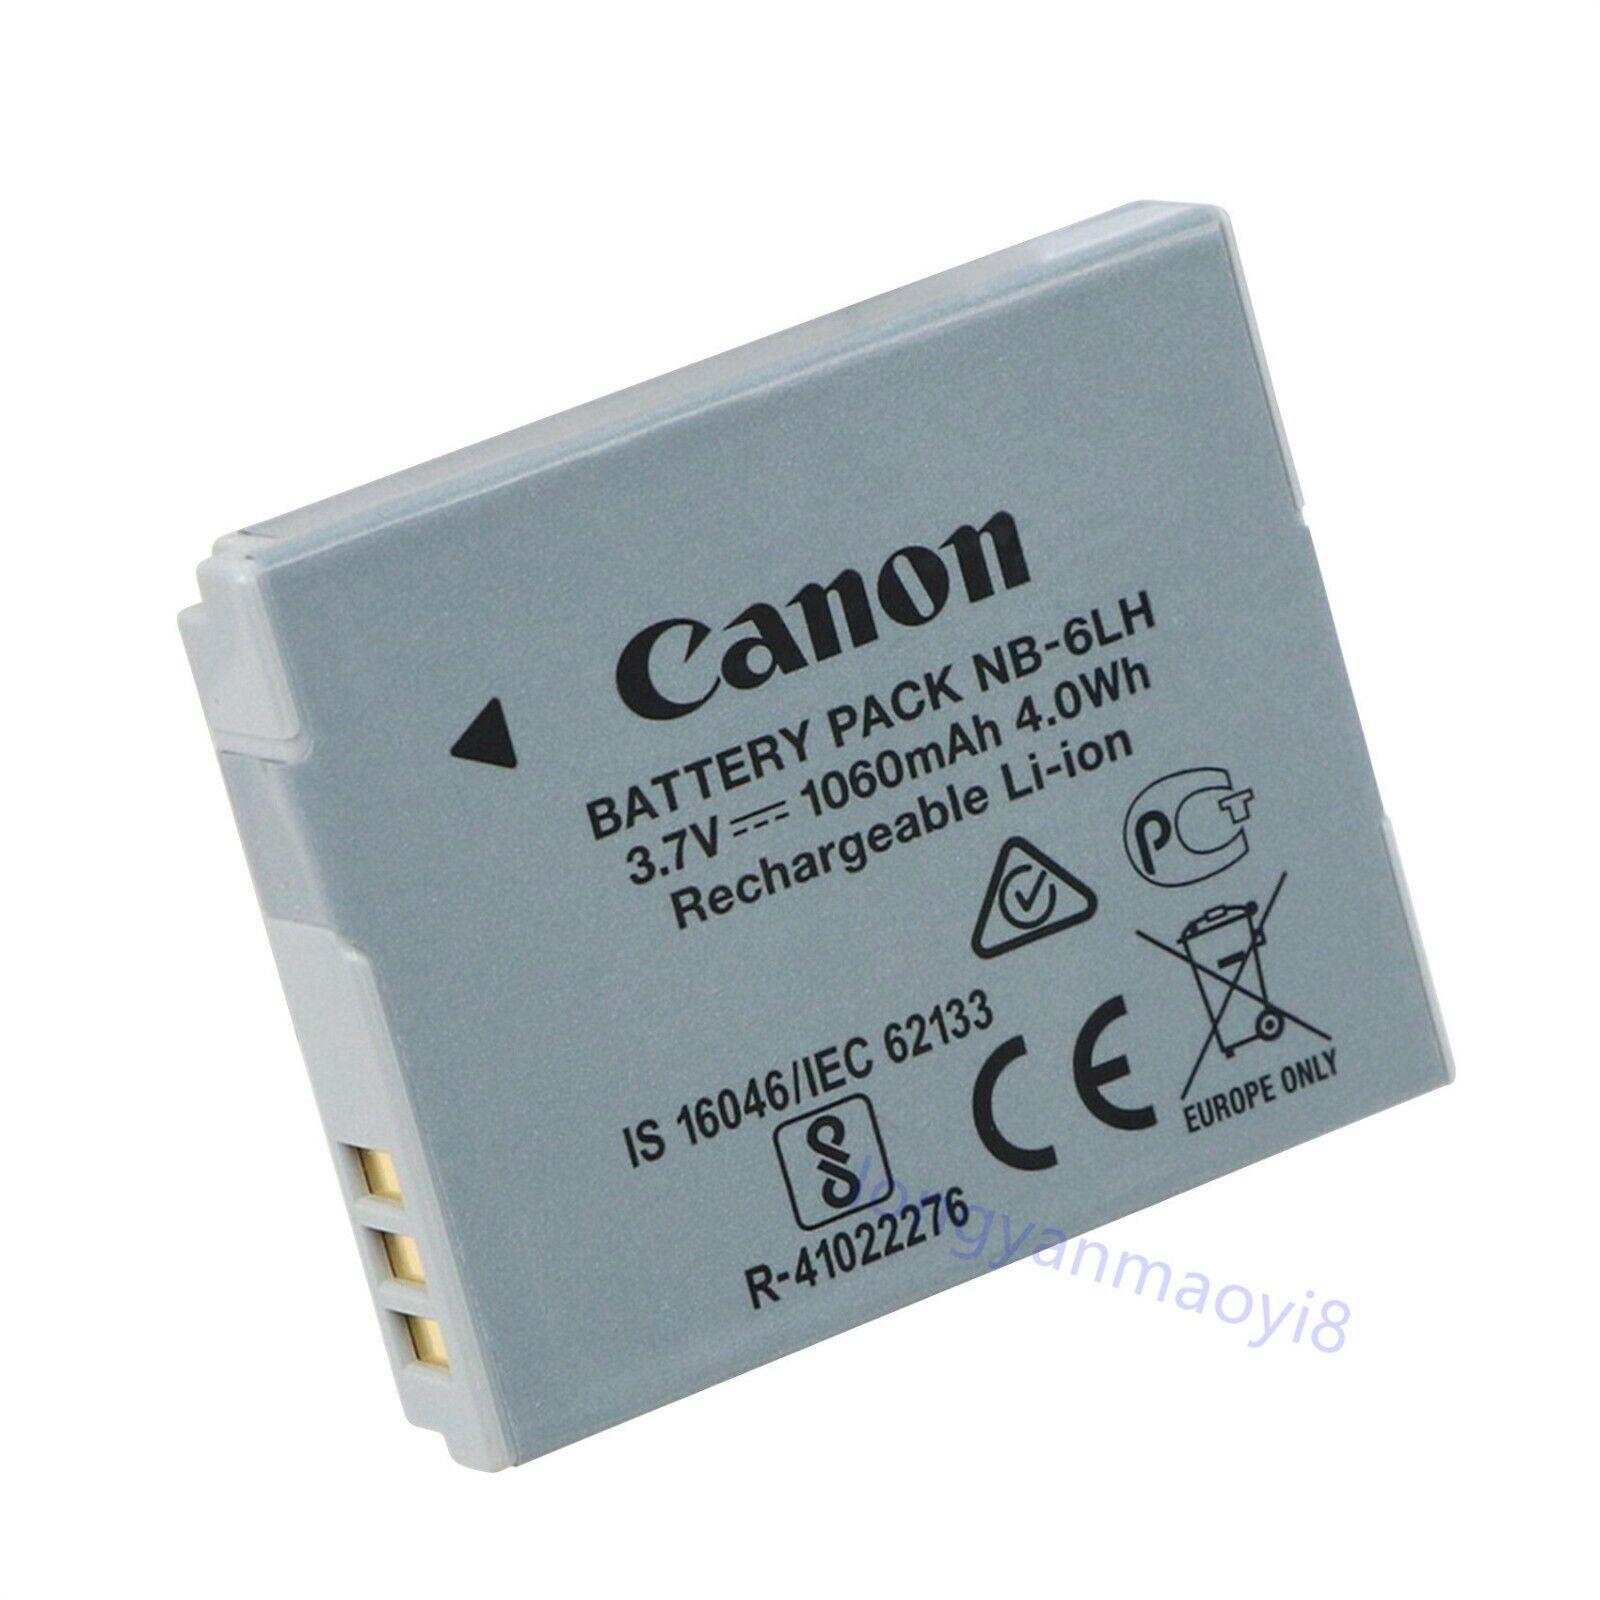 Batería para Canon nb-6lh PowerShot s90 s-90 batería